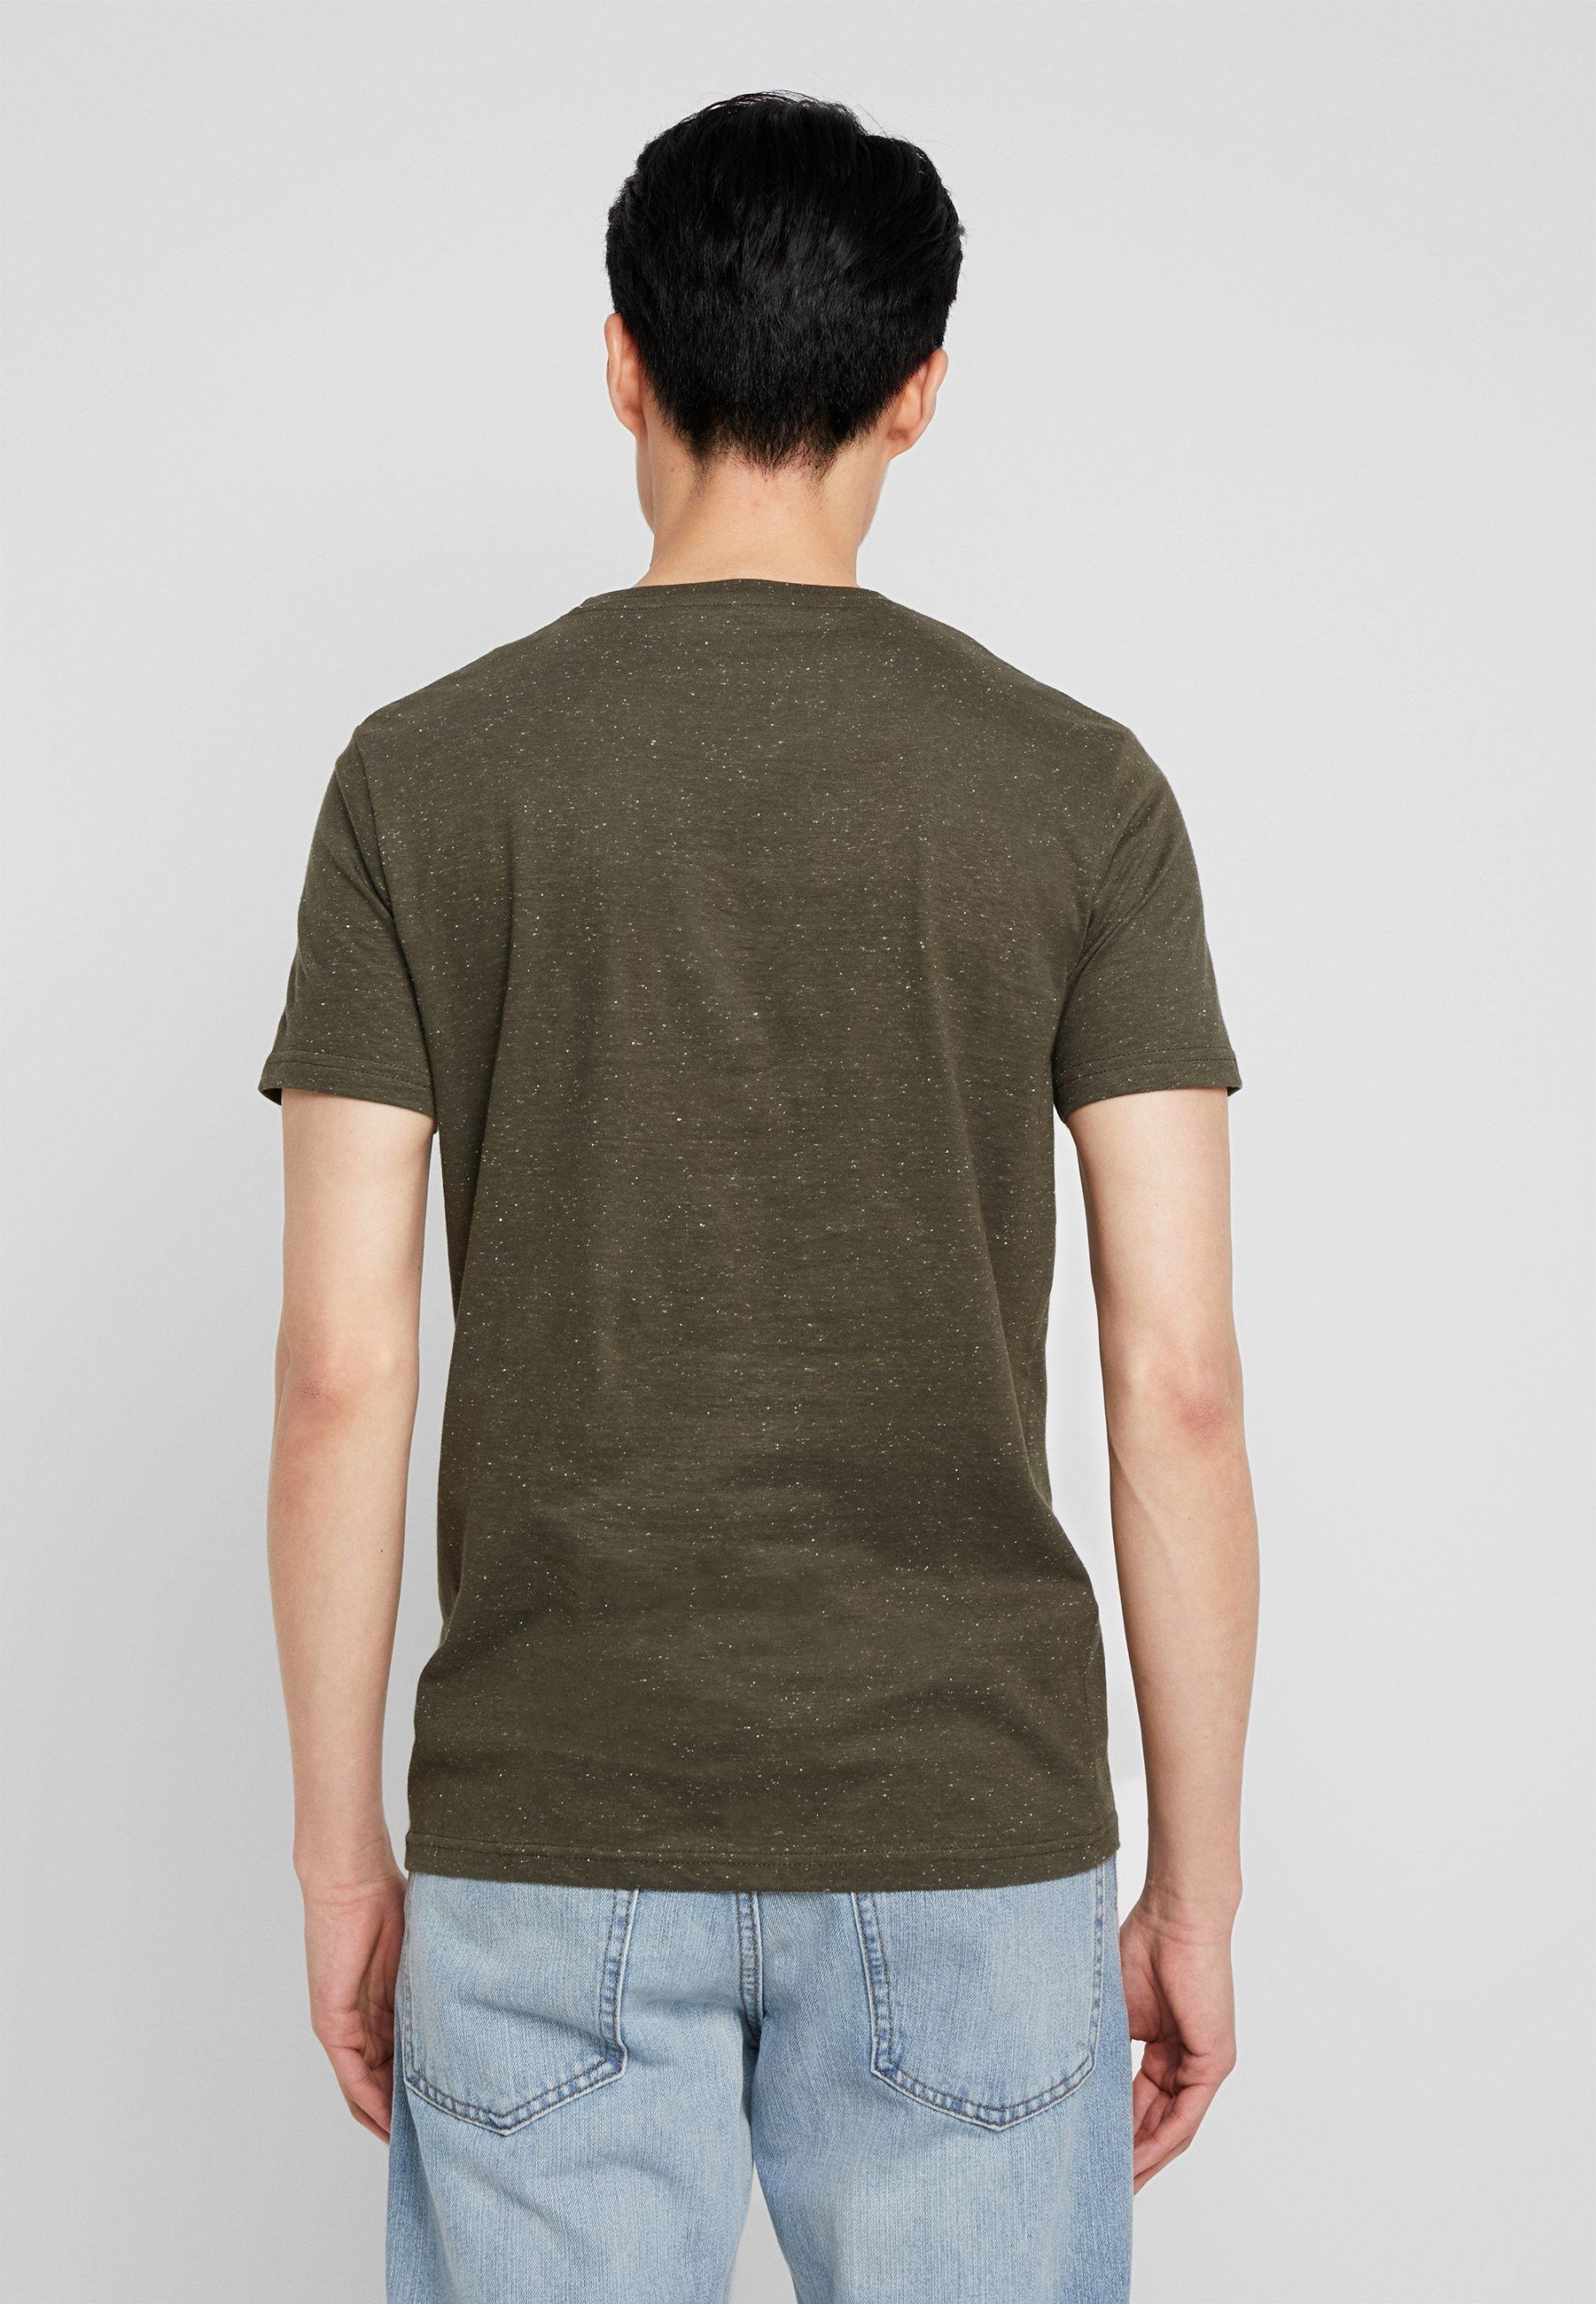 Tiffosi shirt CollinsT shirt Tiffosi Green Green CollinsT CollinsT Imprimé Tiffosi shirt Imprimé b6yYf7g